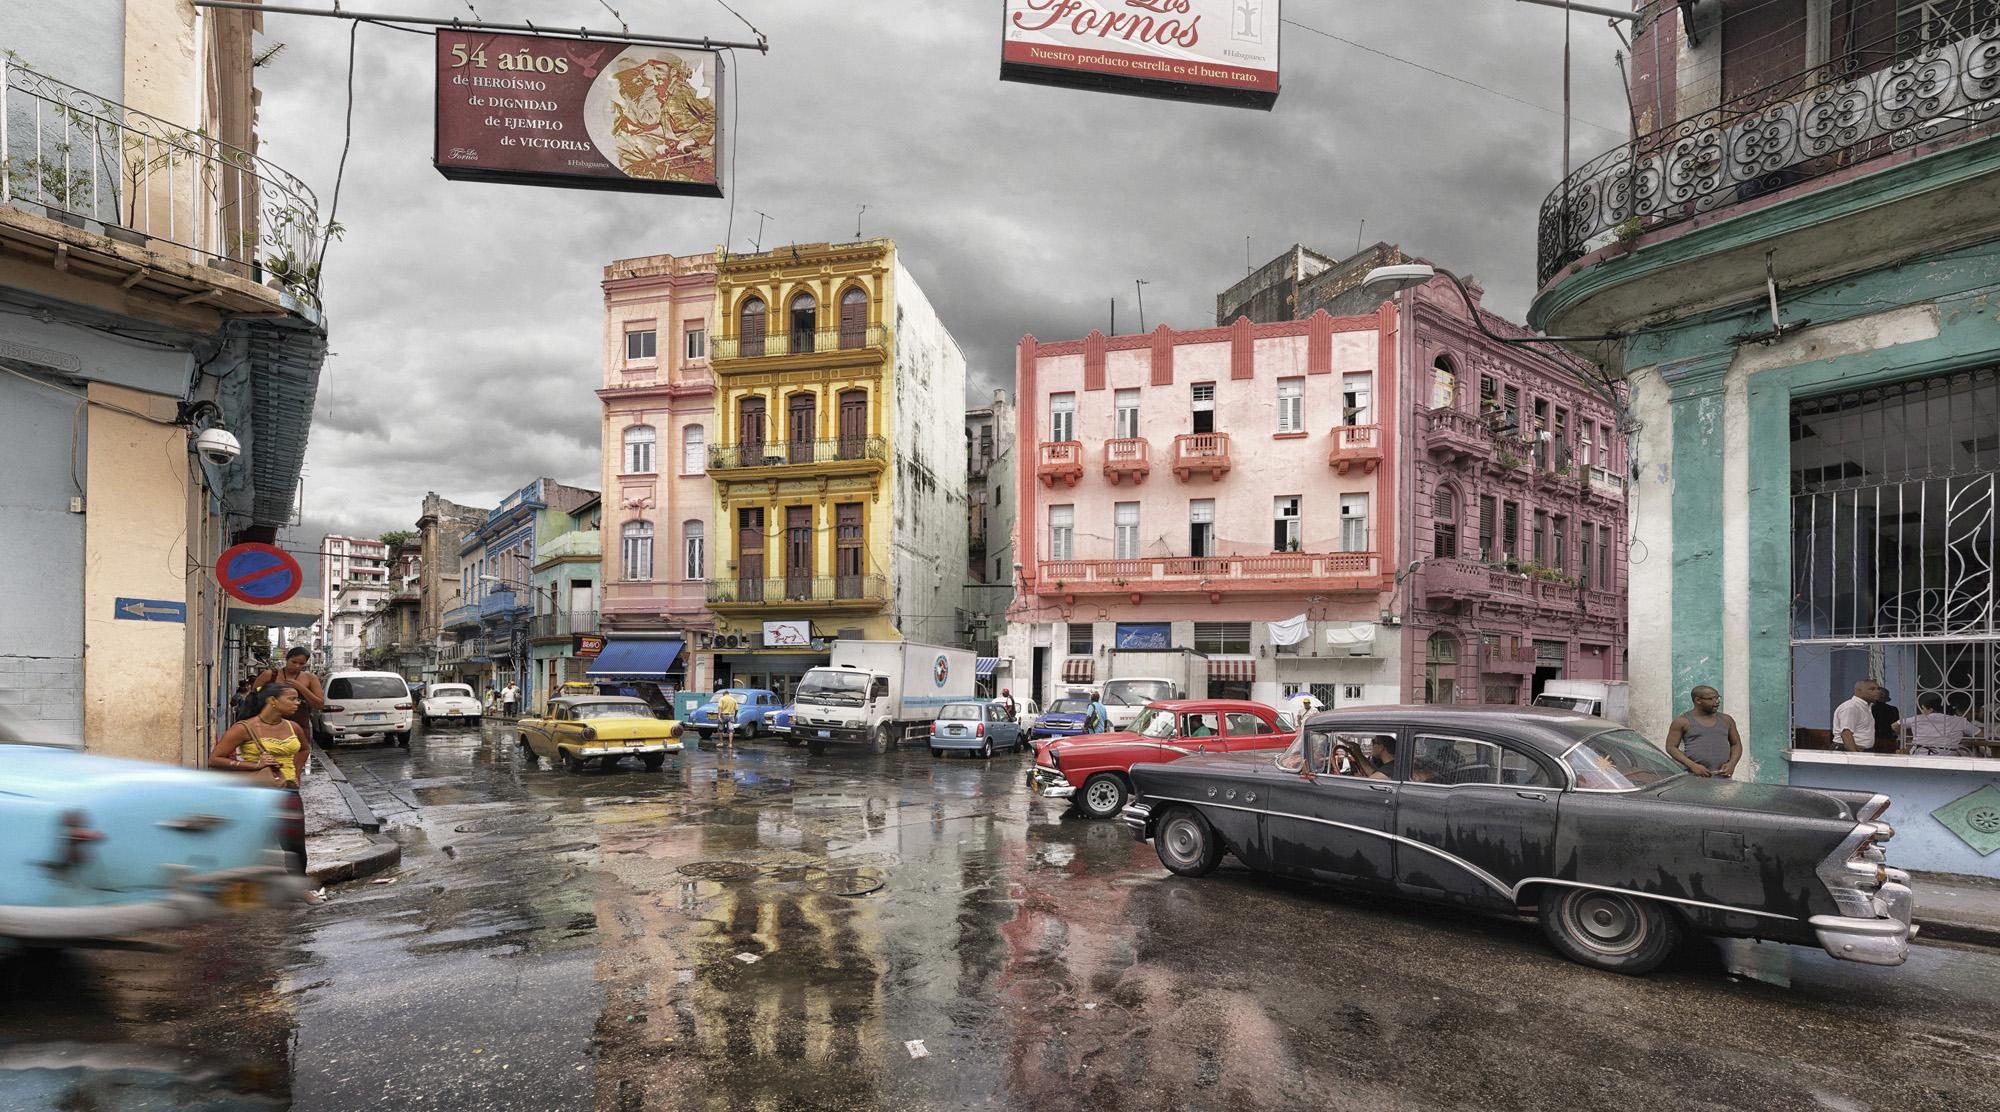 Neptuno Rain - Havana, Cuba 2013